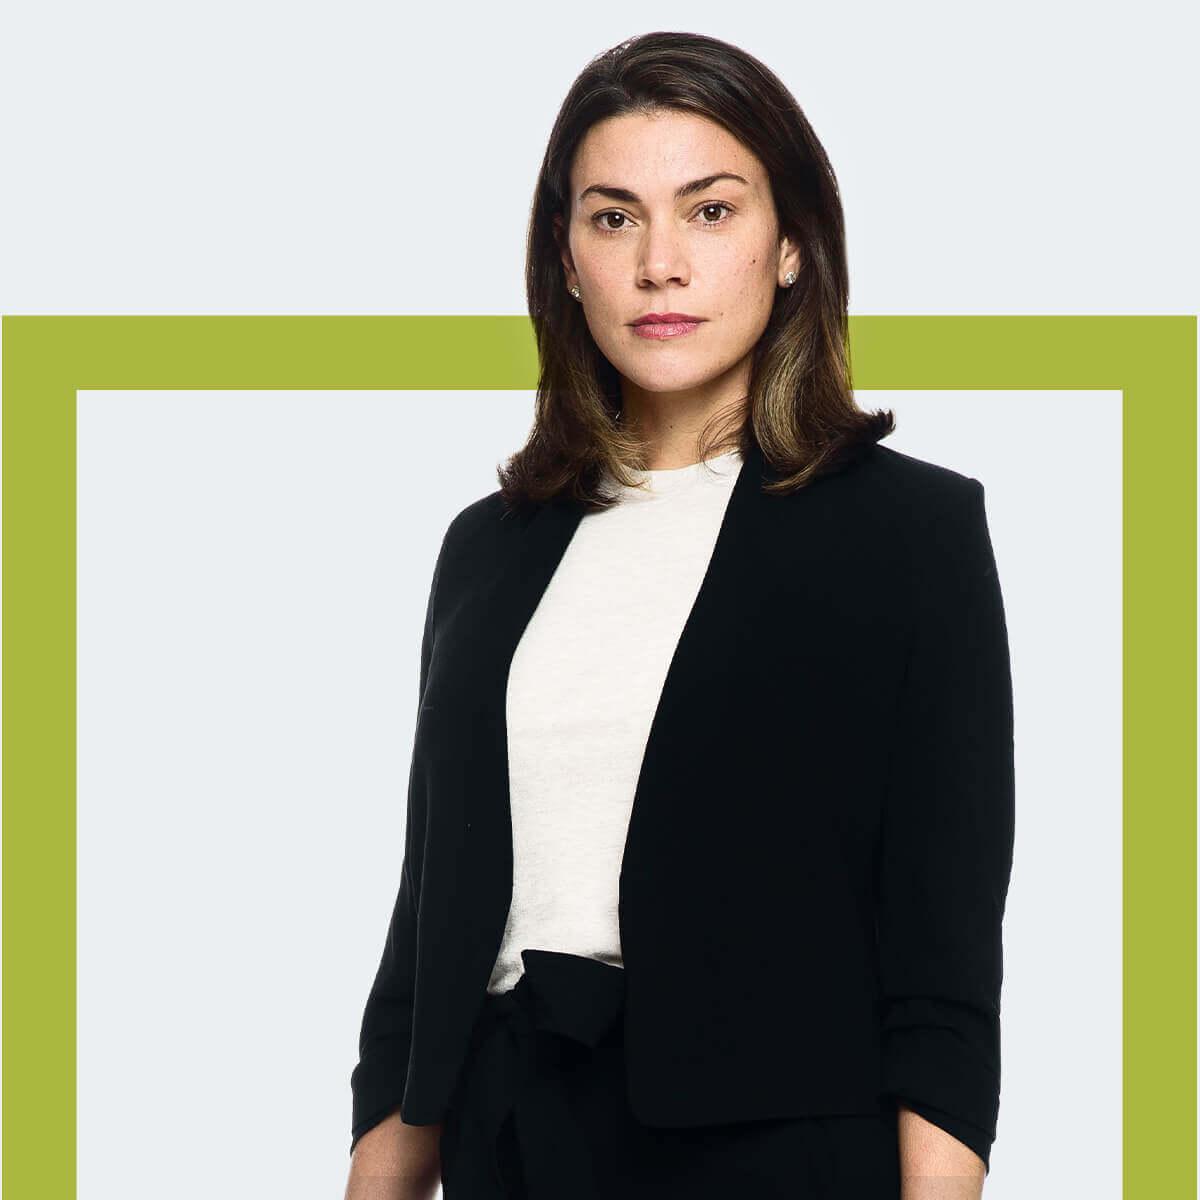 Elsa Wedge, chargée de dossier chez Fidelis Law Droit